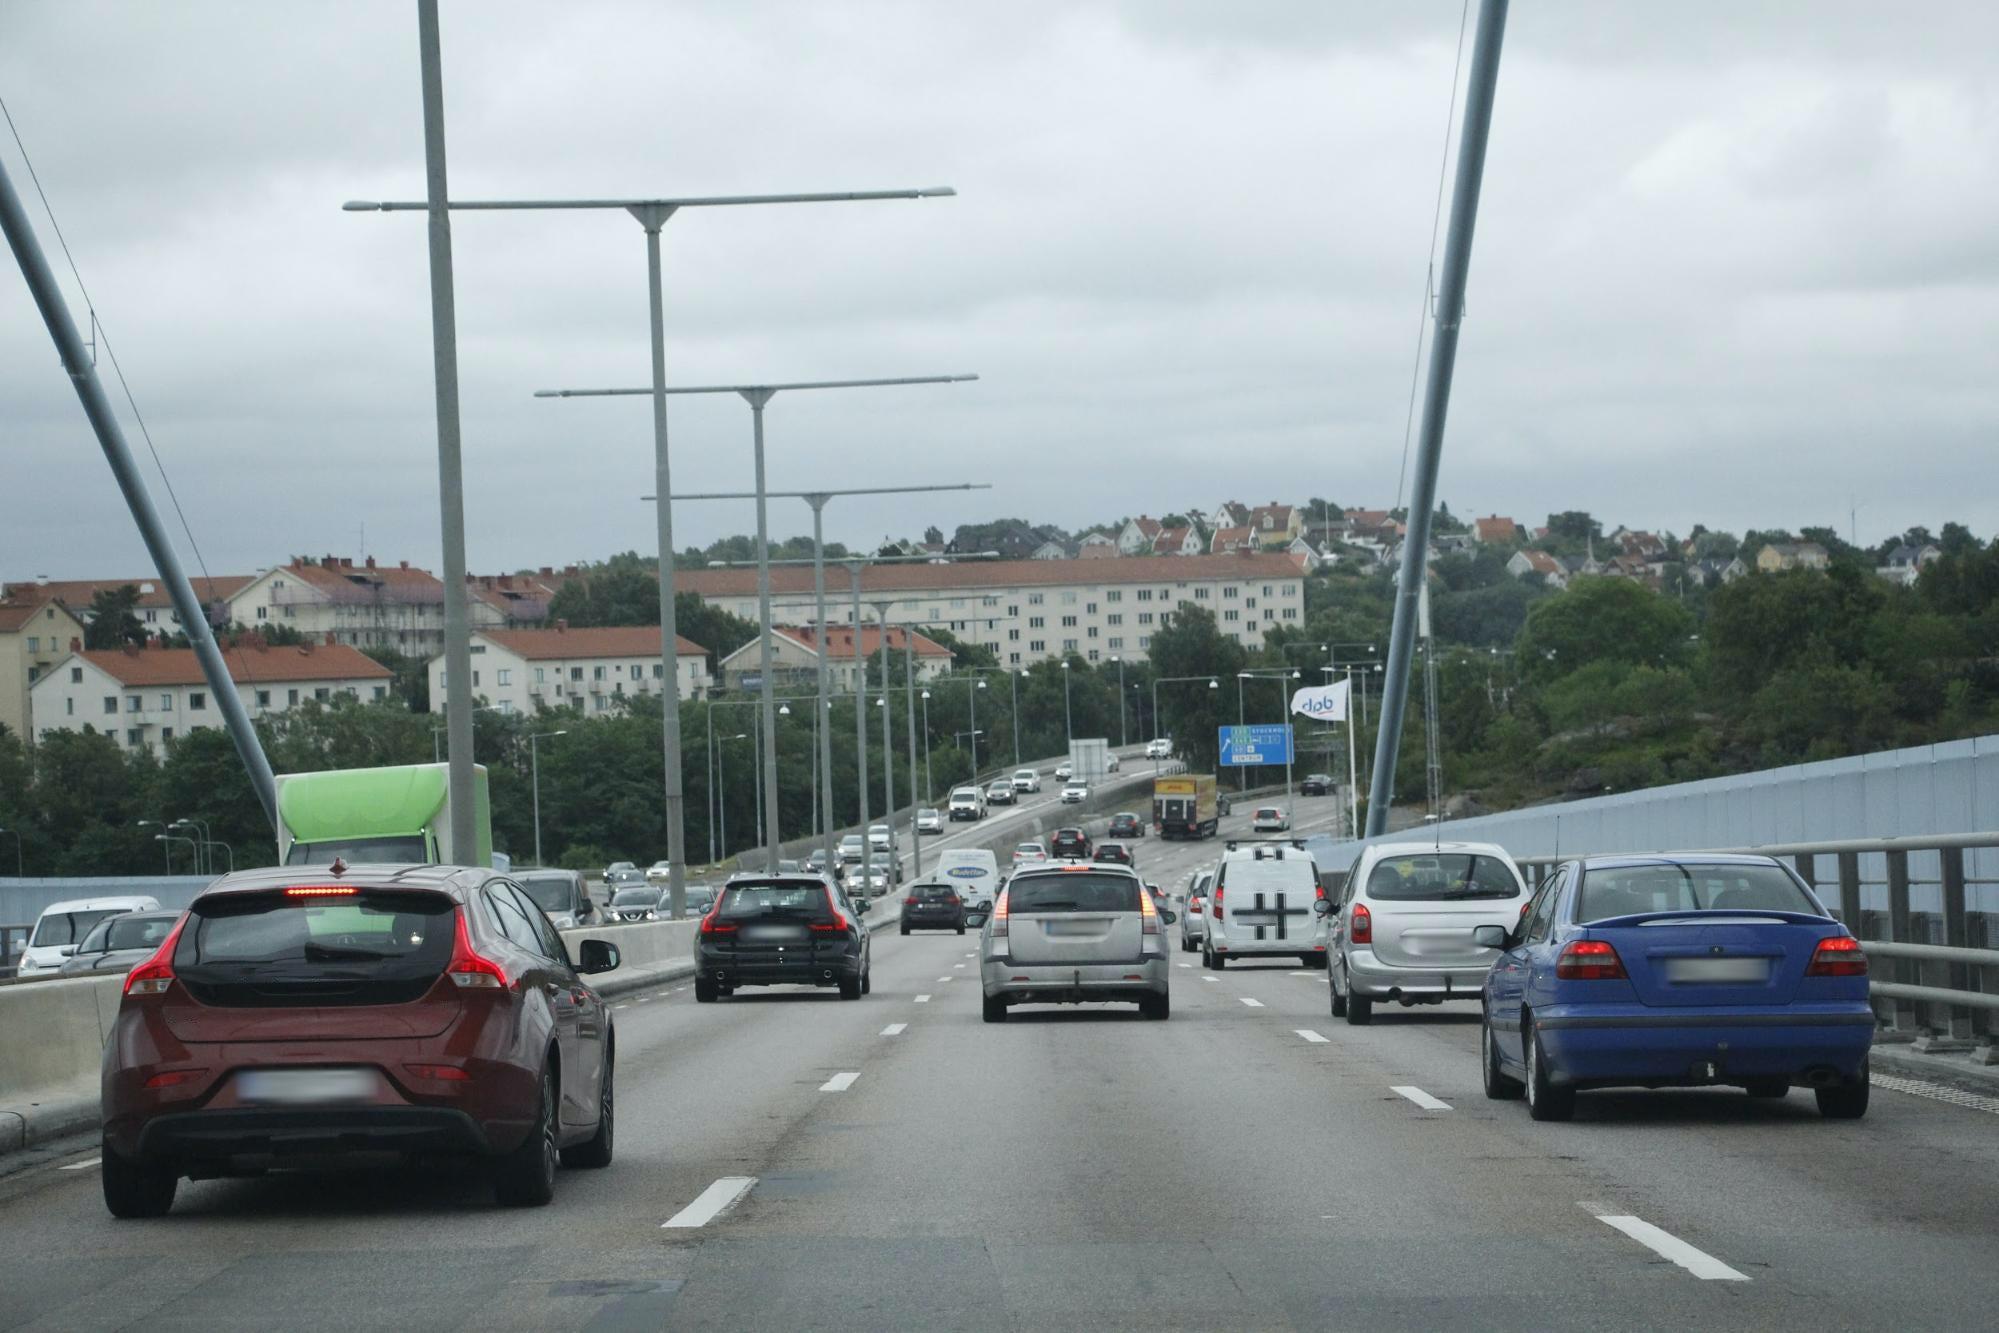 Bilar som kör på en bro på en trefilig väg.